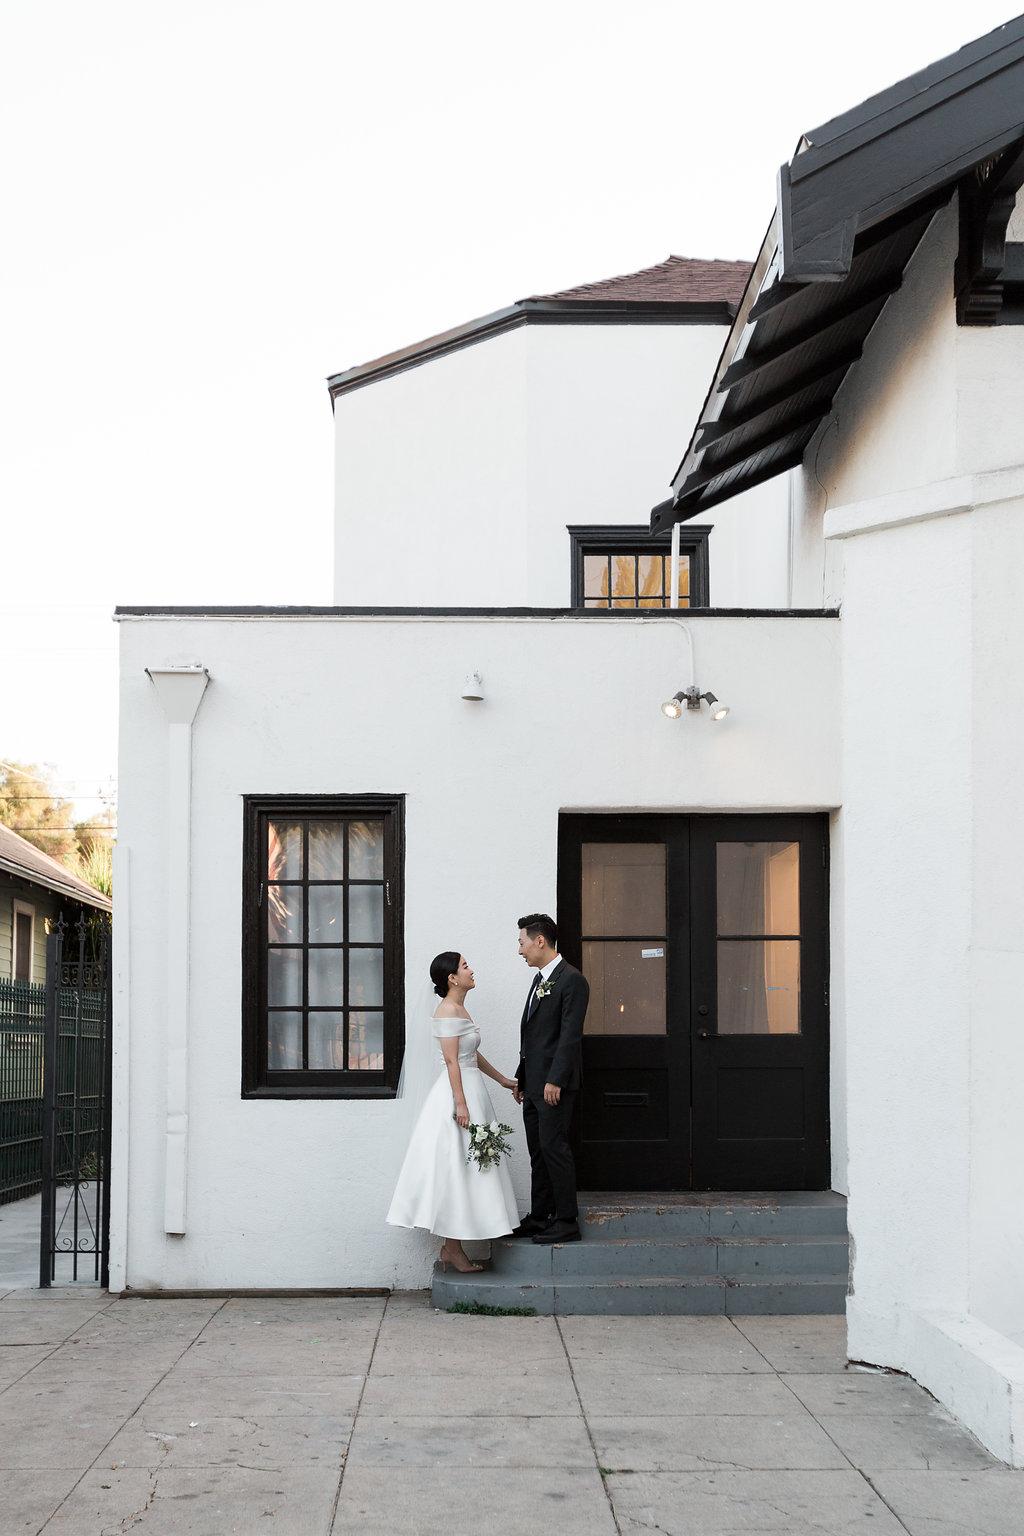 Elizabeth & Daniel - Image by Sunny Y KimCoordination + Florals by Rekindle